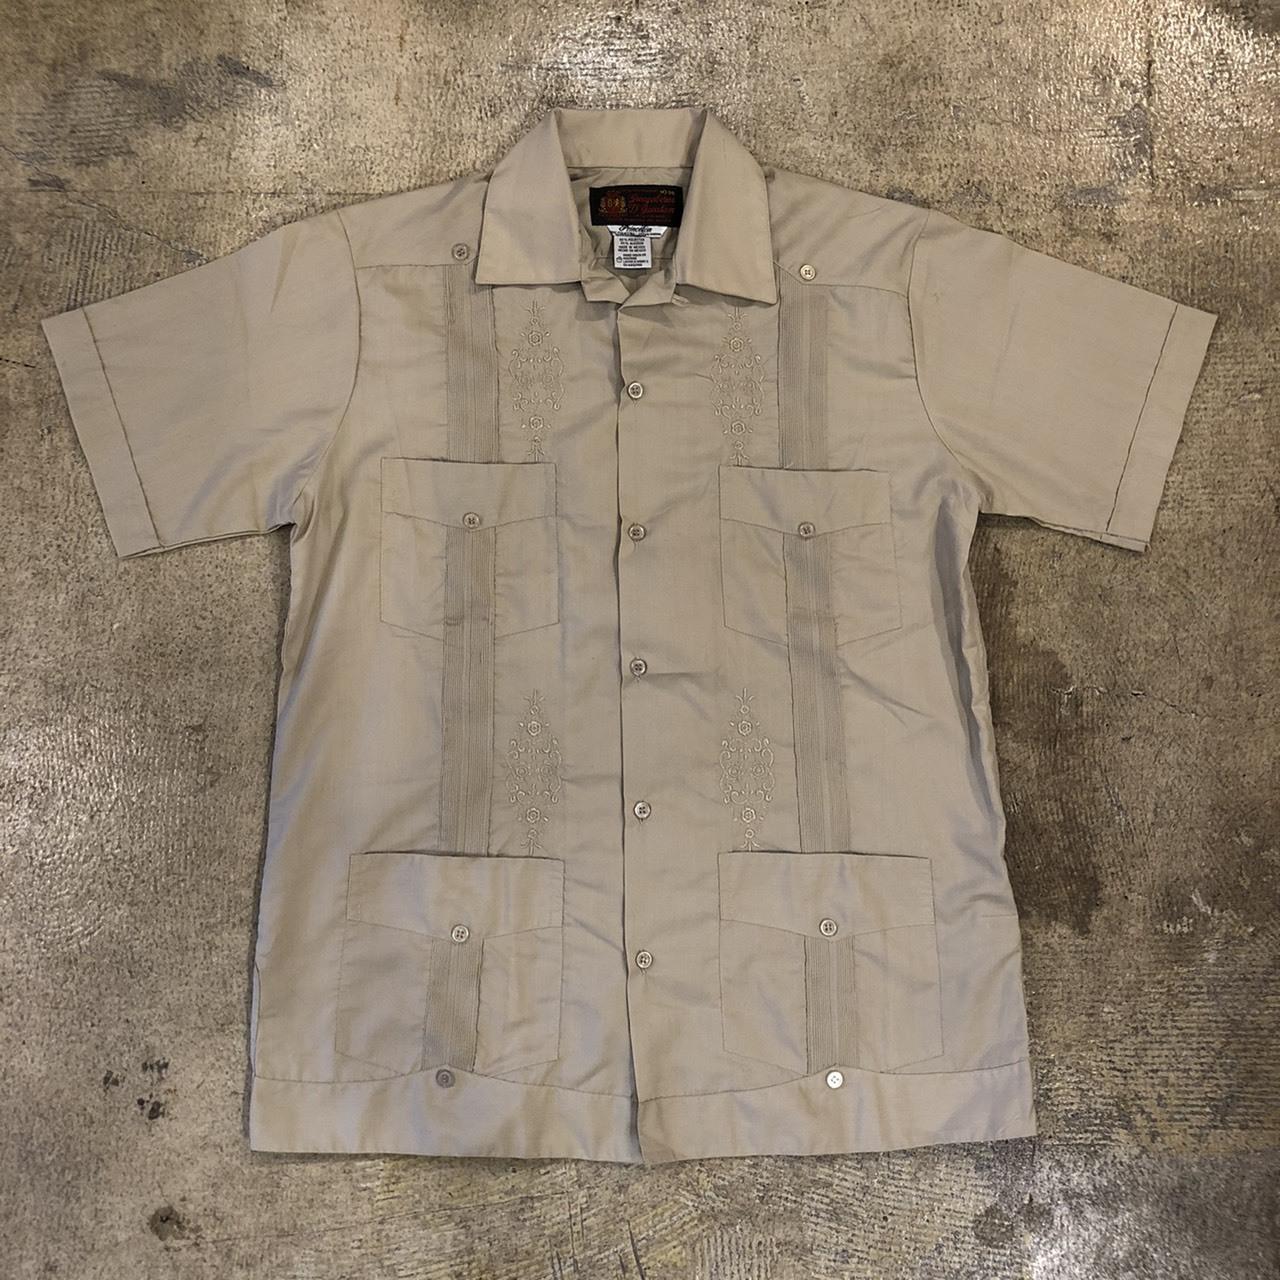 Guayabera Shirts ¥5,200+tax